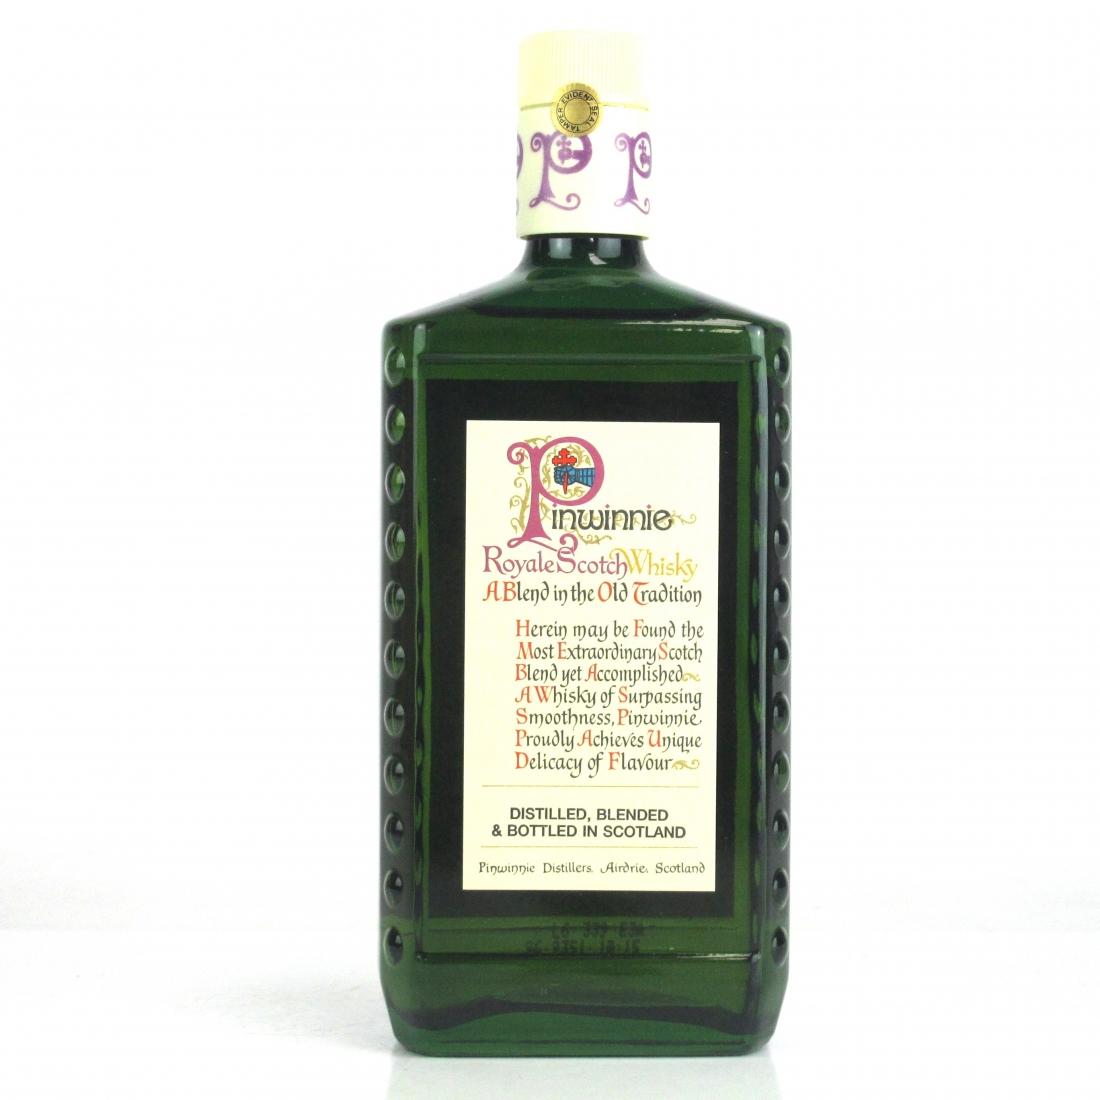 Pinwinnie Royale Scotch